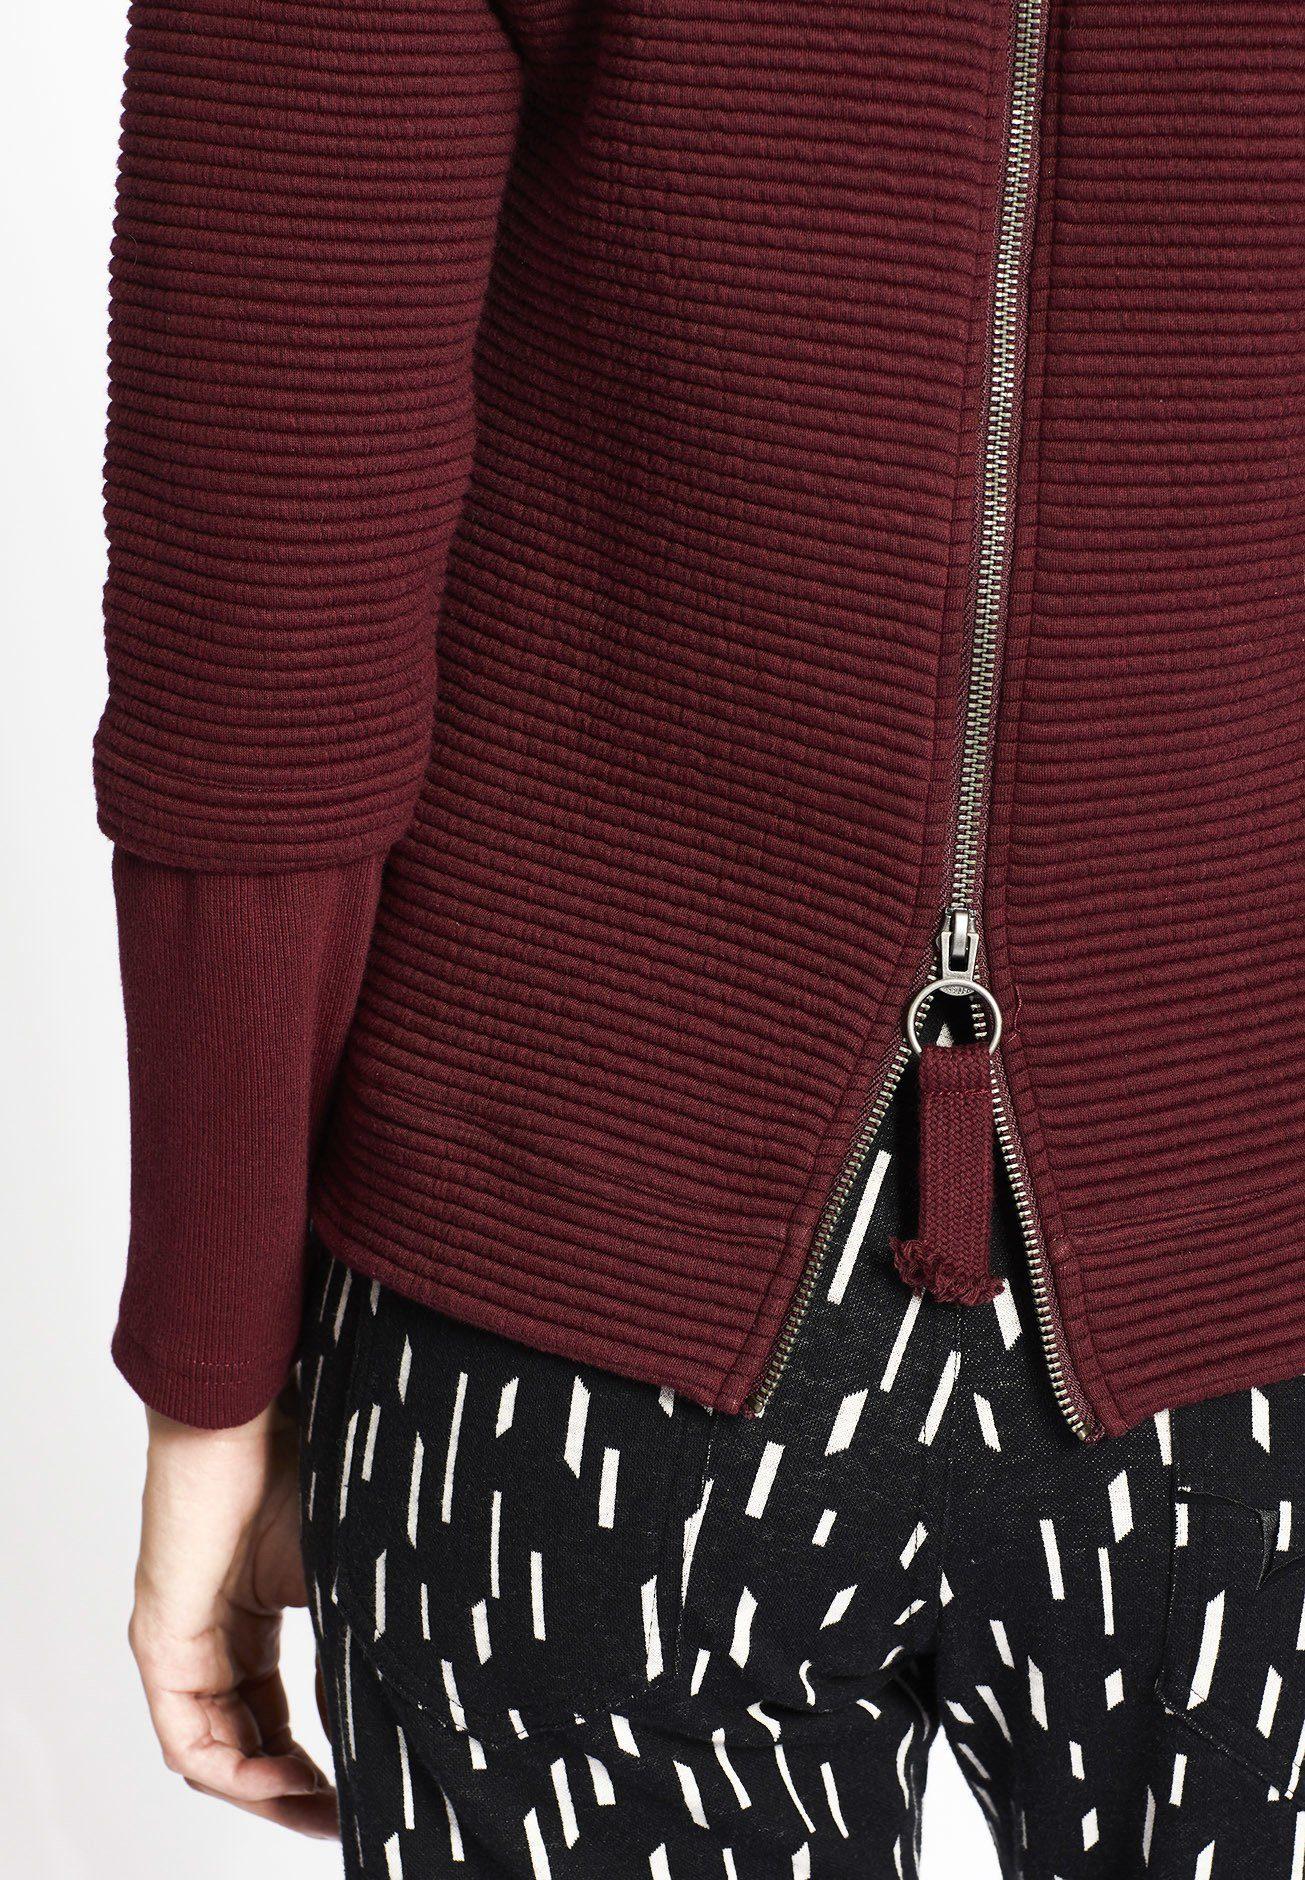 Khujo Online Am Rücken »elida« Kapuzensweatshirt Mit Reißverschluss Kaufen W9IYDHEe2b